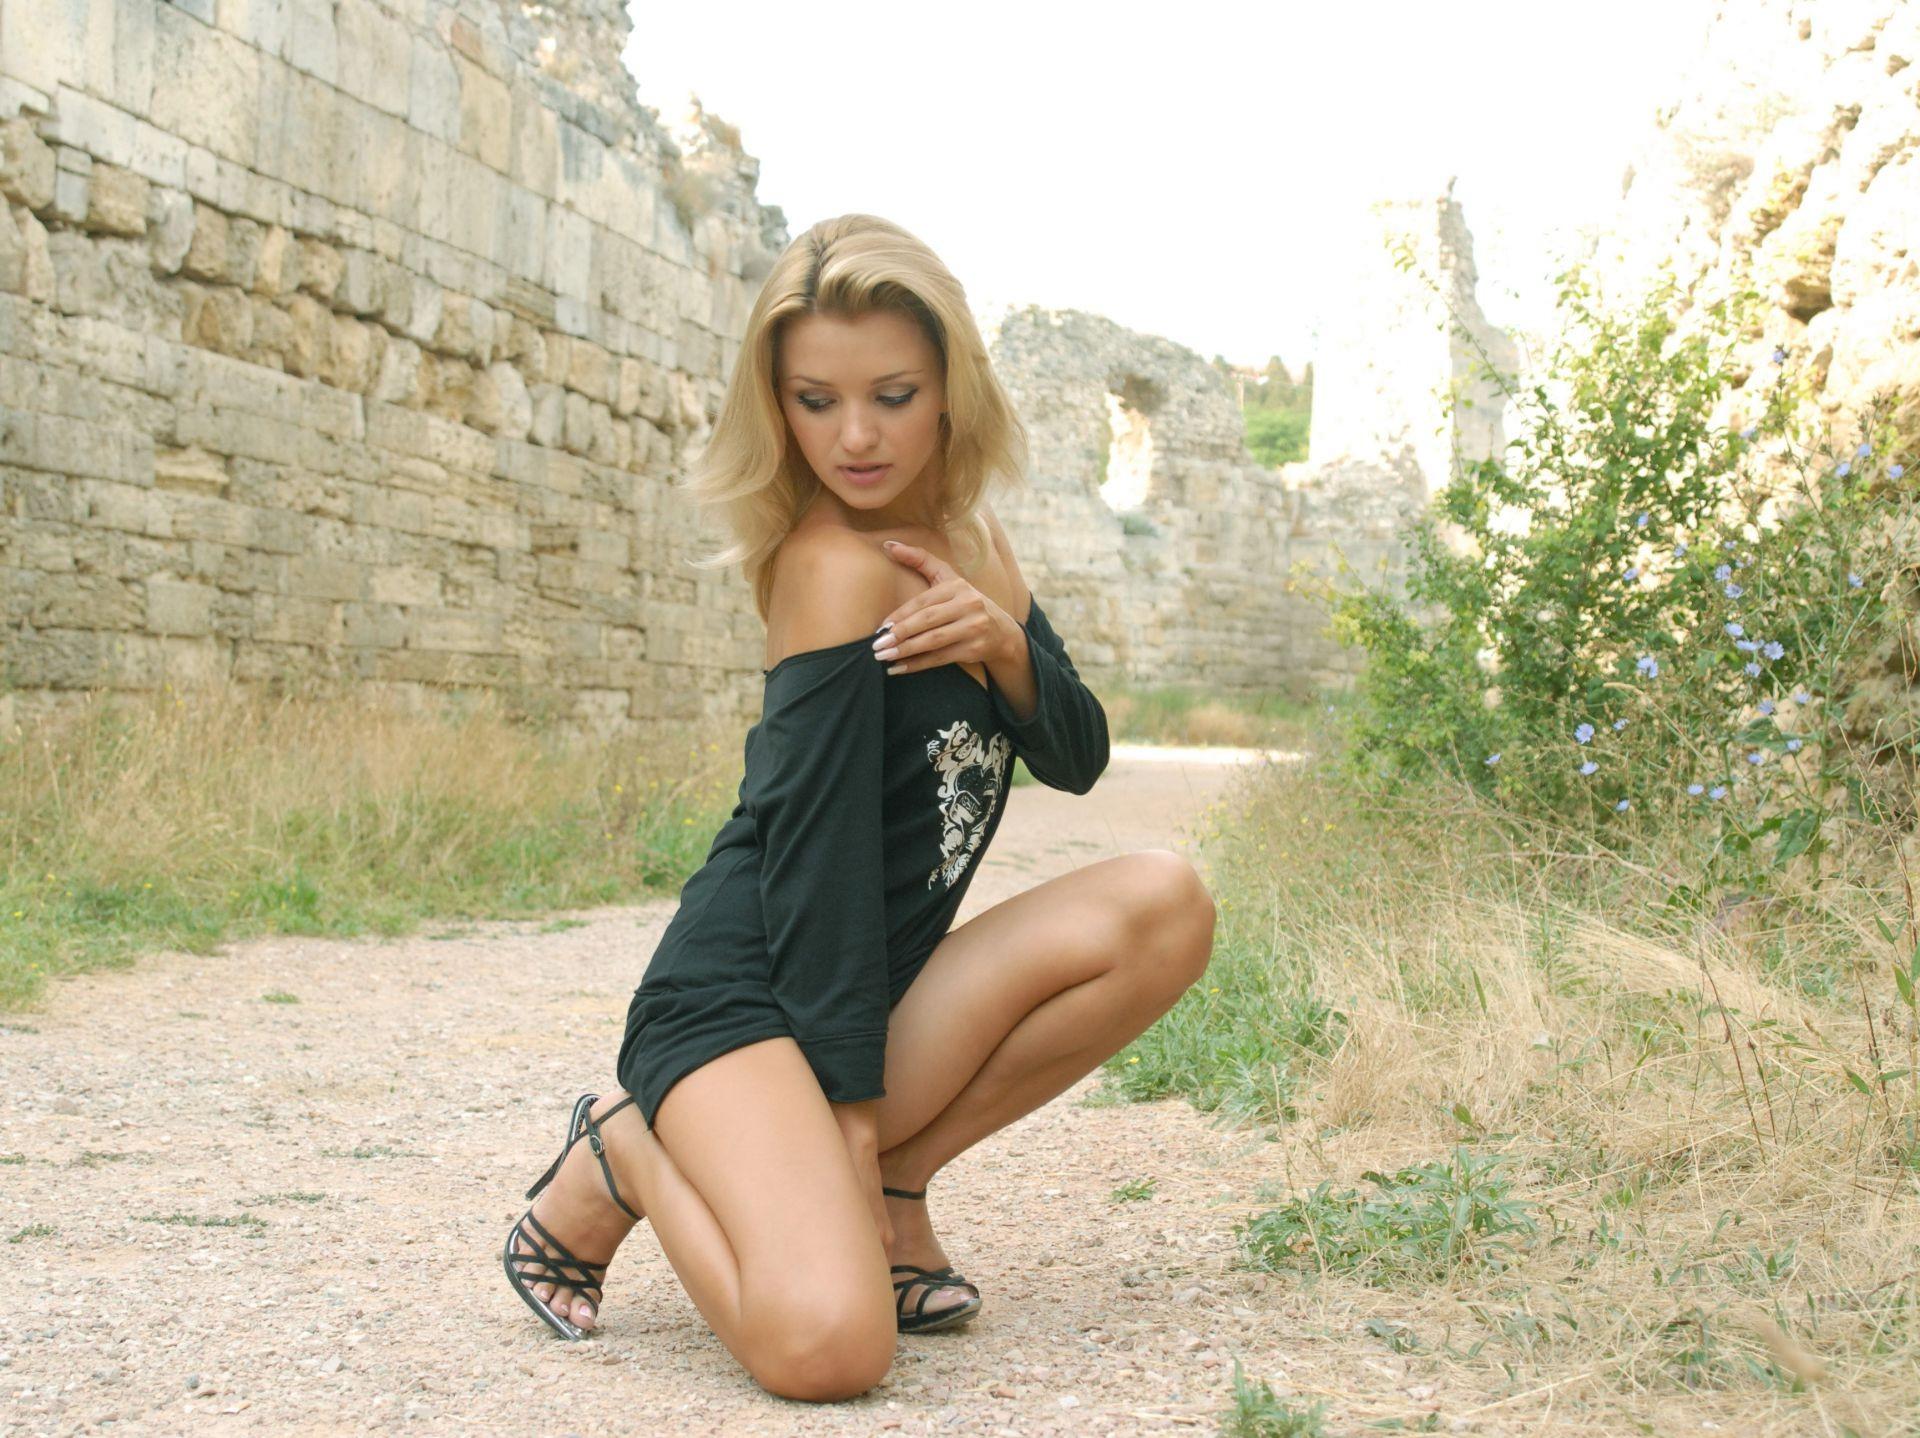 Фото русских блядей на природе, Трах на природе и частные обнаженные фото - секс 19 фотография